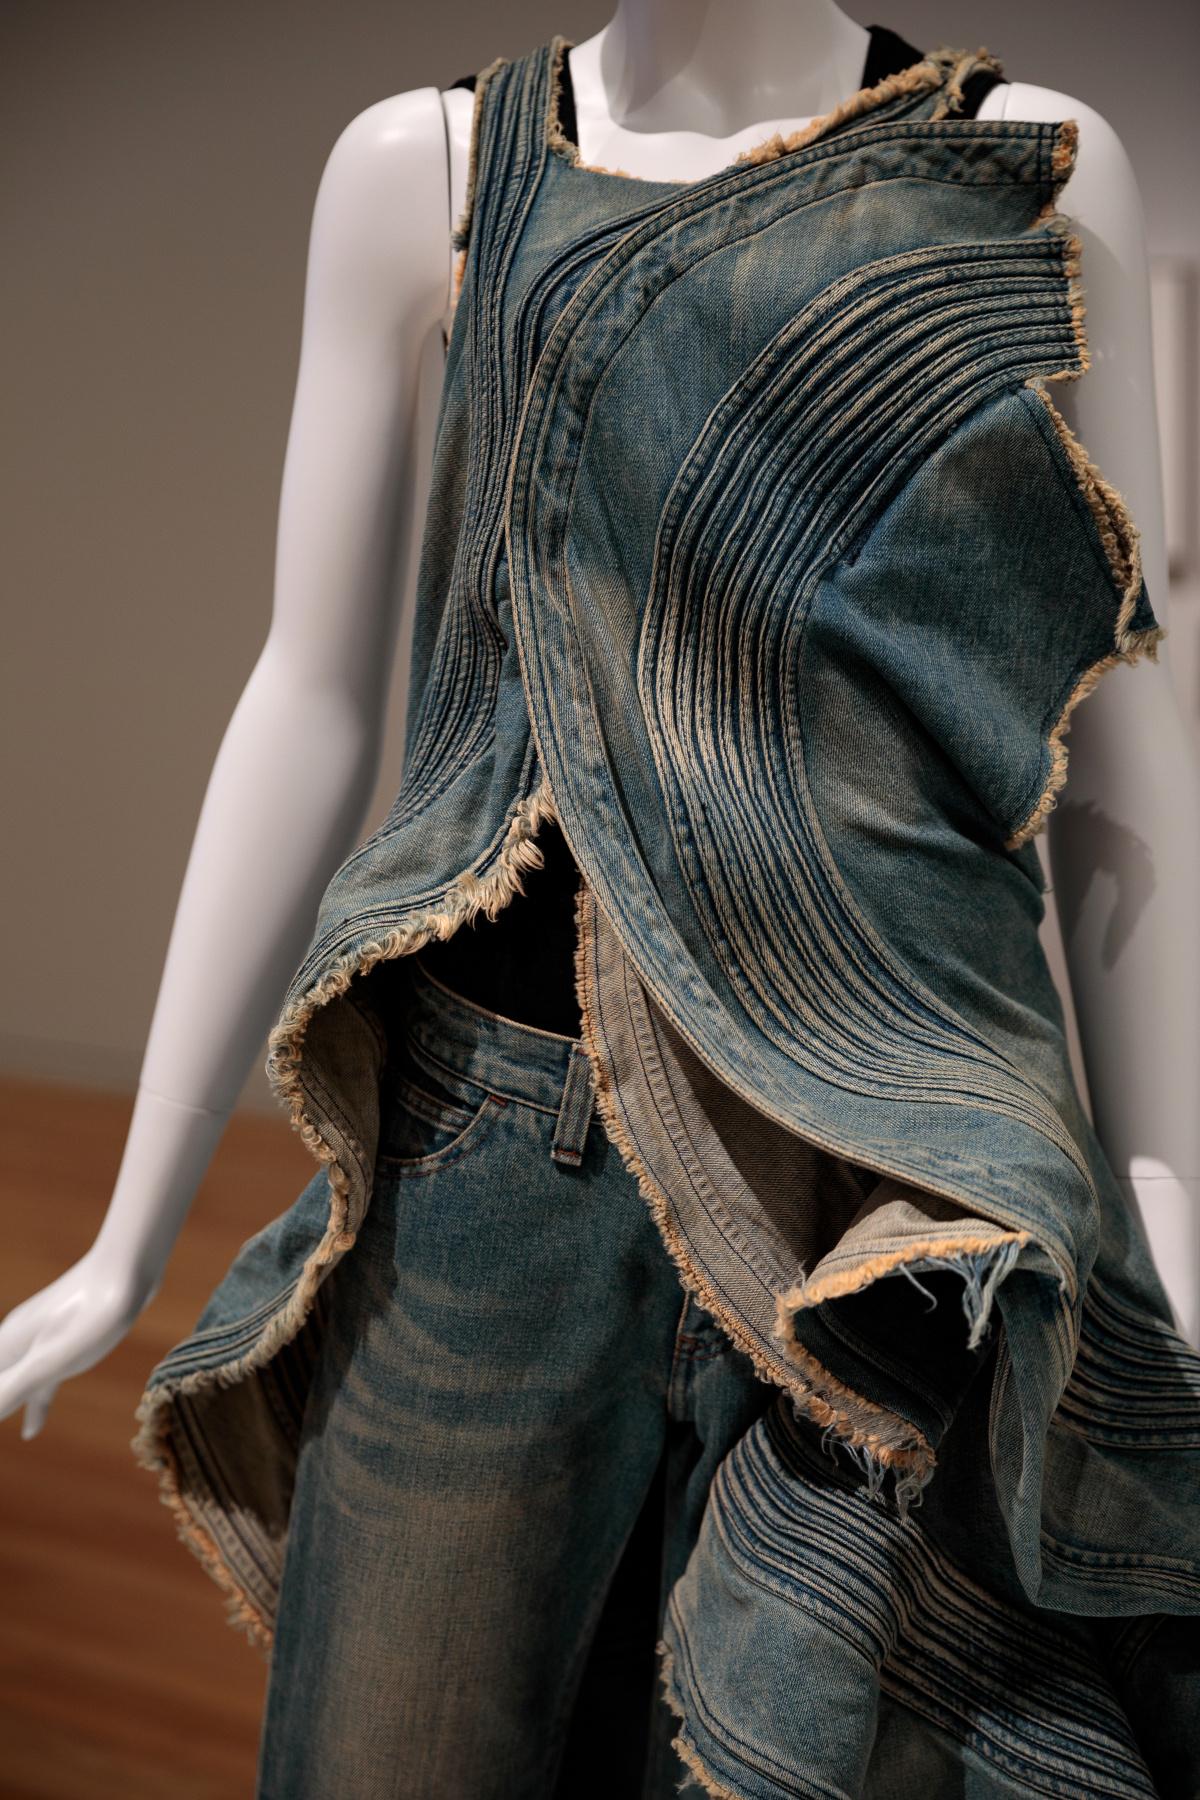 労働着は、いかにファッションアイテムとなったのか?